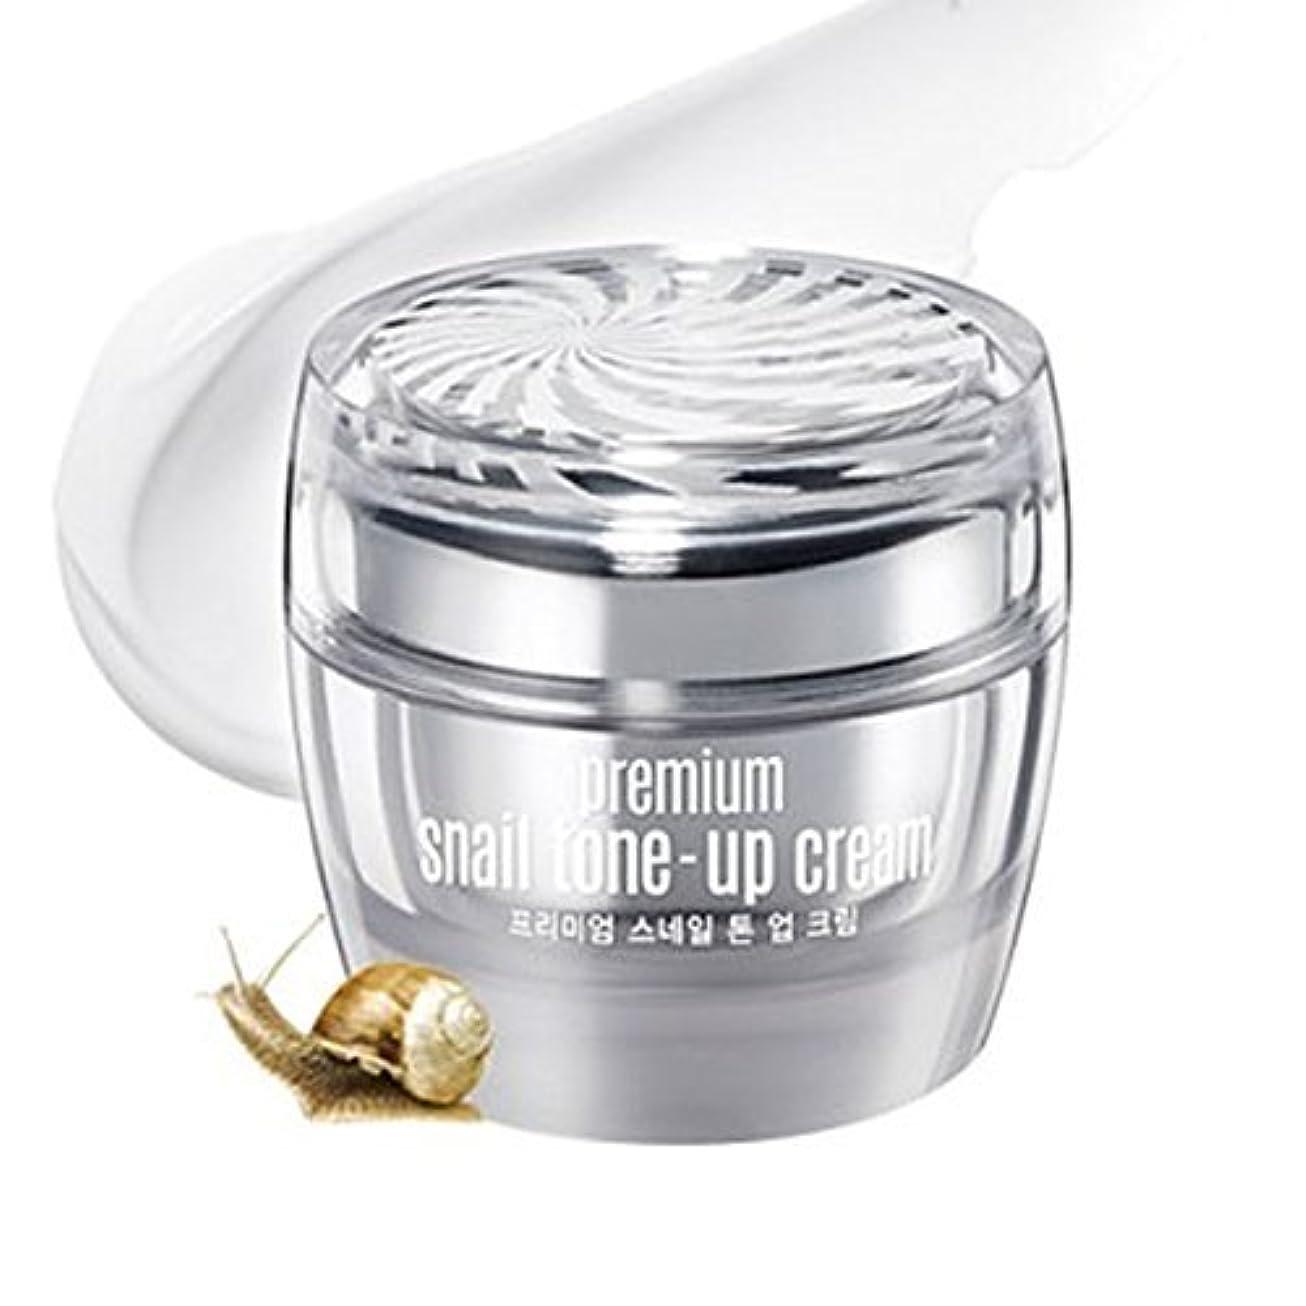 縫う注意に応じてグーダル プレミアム スネイル トーンアップ クリーム CLIO Goodal Premium Snail Tone Up Whitening Cream 50ml(1.69oz)/Korea Cosmetic [並行輸入品]